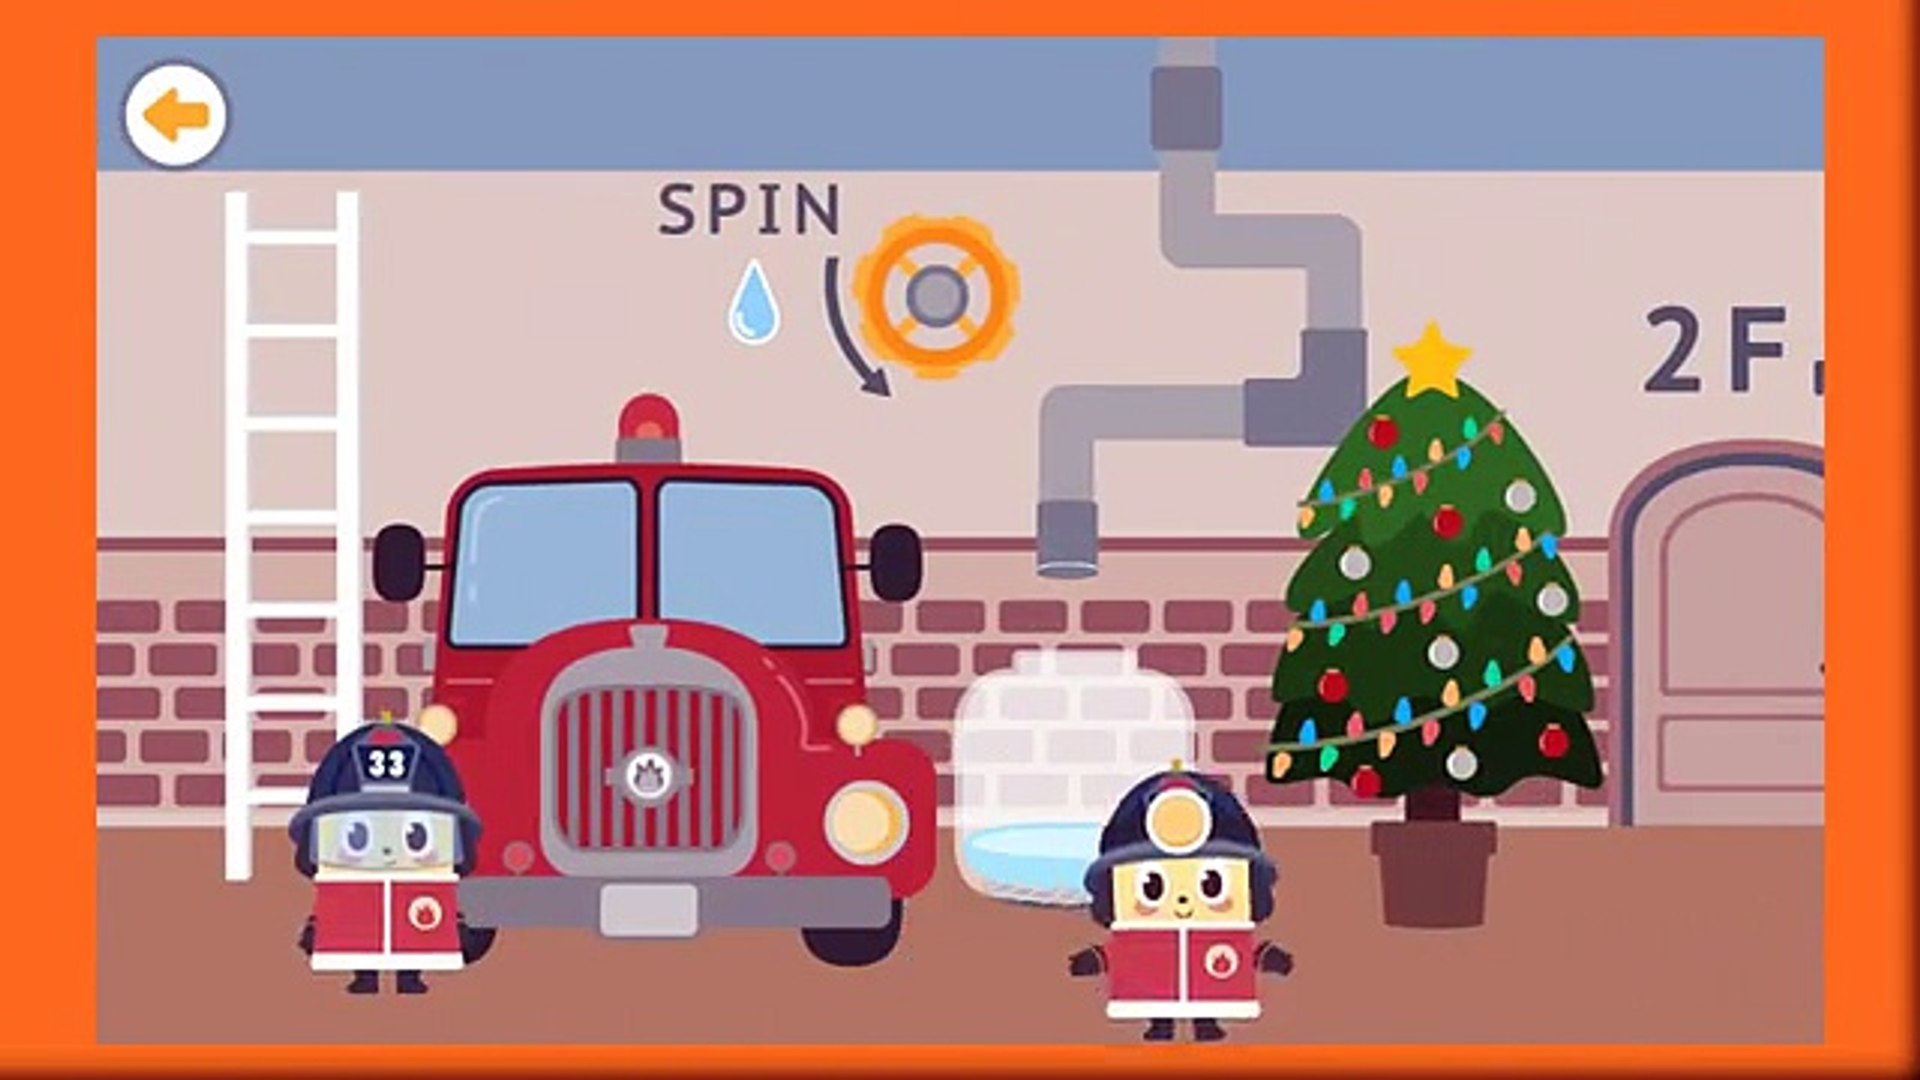 Jobi Jobi Fire Station - Education App gameplay video for Kids